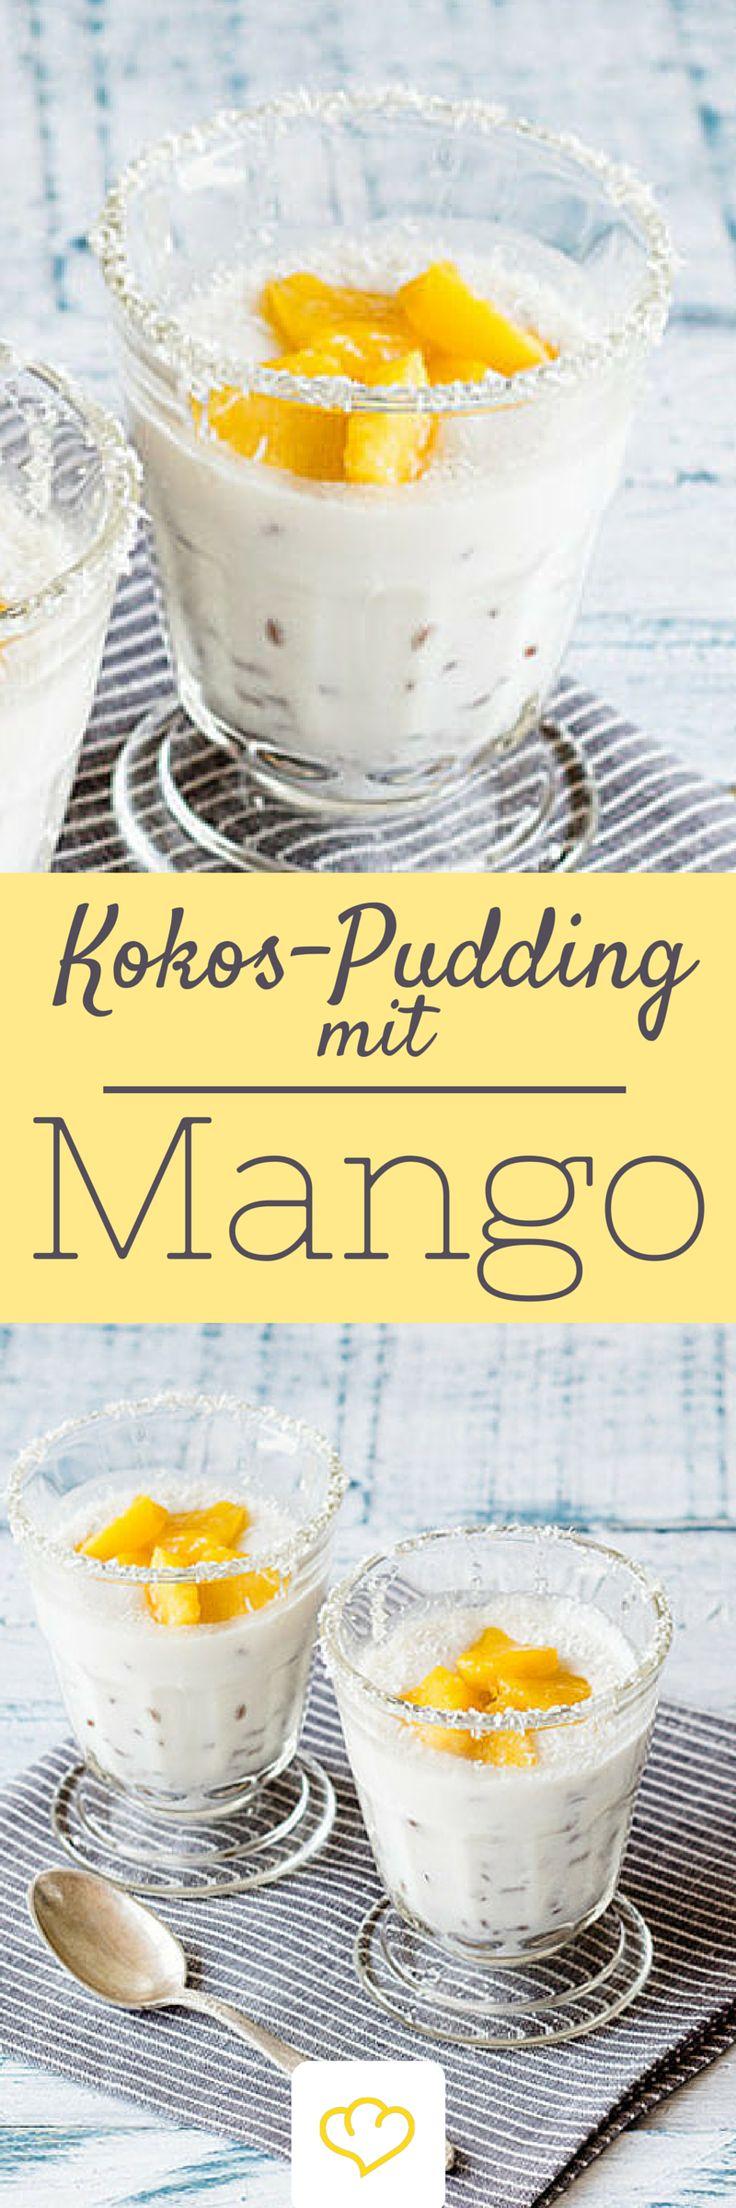 Dieses Dessert macht Lust auf Sommer, Süßes und Urlaub. Der cremige Kokos-Pudding sorgt zusammen mit der saftigen Mango für eine süße Erfrischung und Karibik-Flair im Glas. Chia-Samen versorgen dich mit ausreichend Protein und machen lange satt. Am Abend vorbereiten und am nächsten morgen genießen: Kokos-Pudding mit Mango!